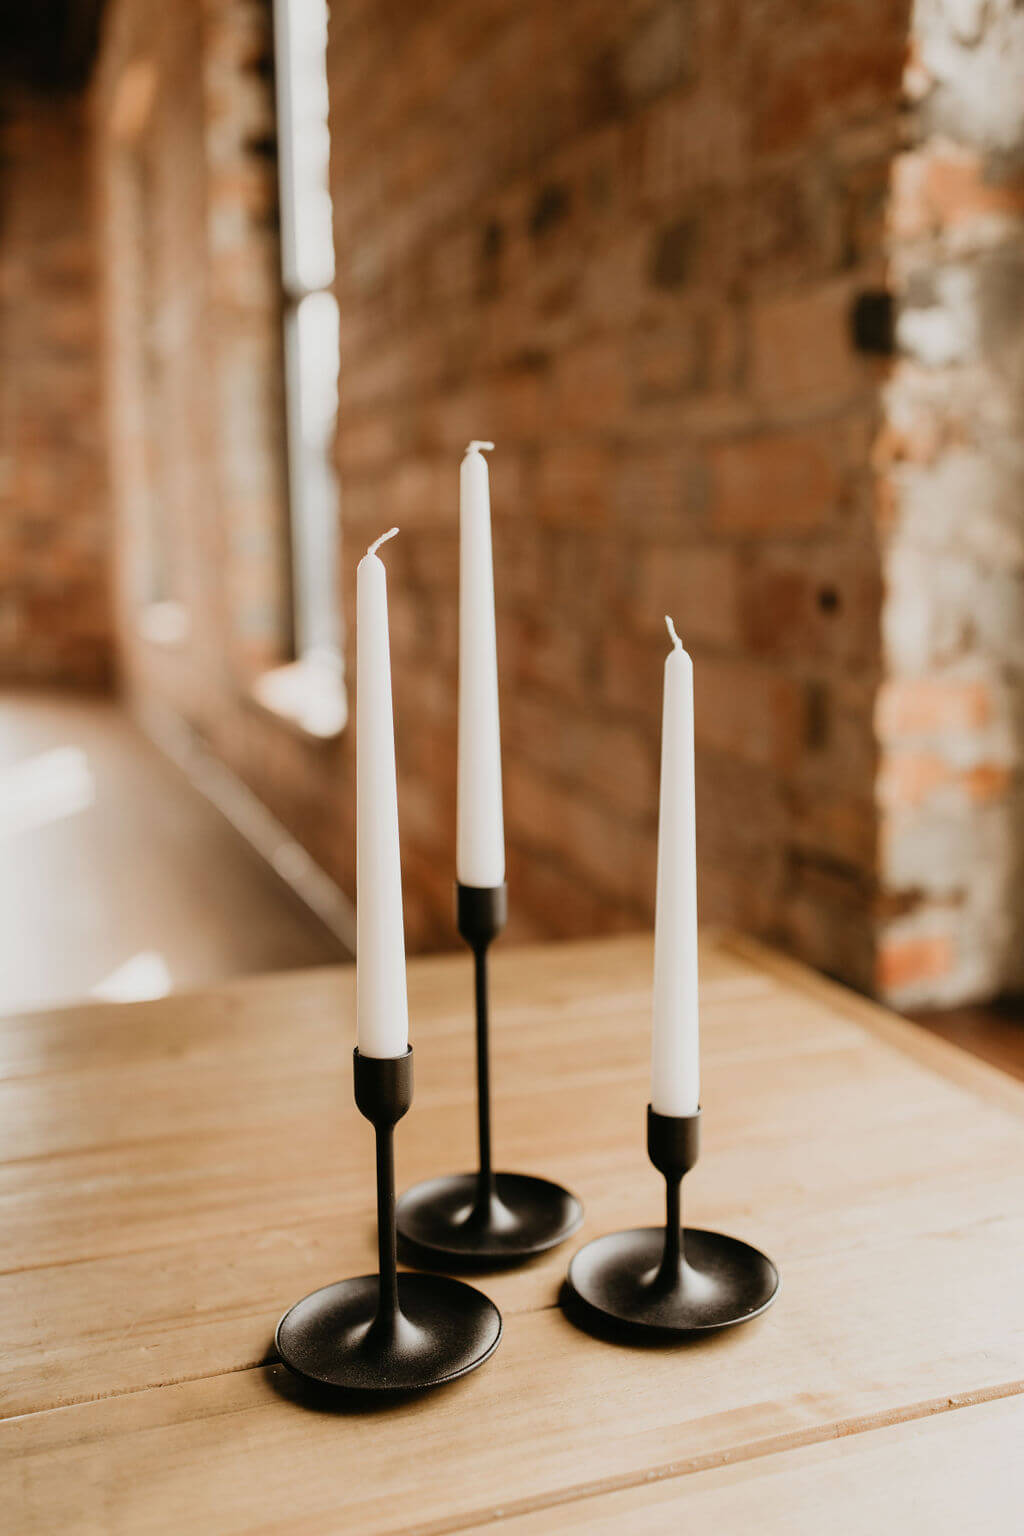 3 candlesticks